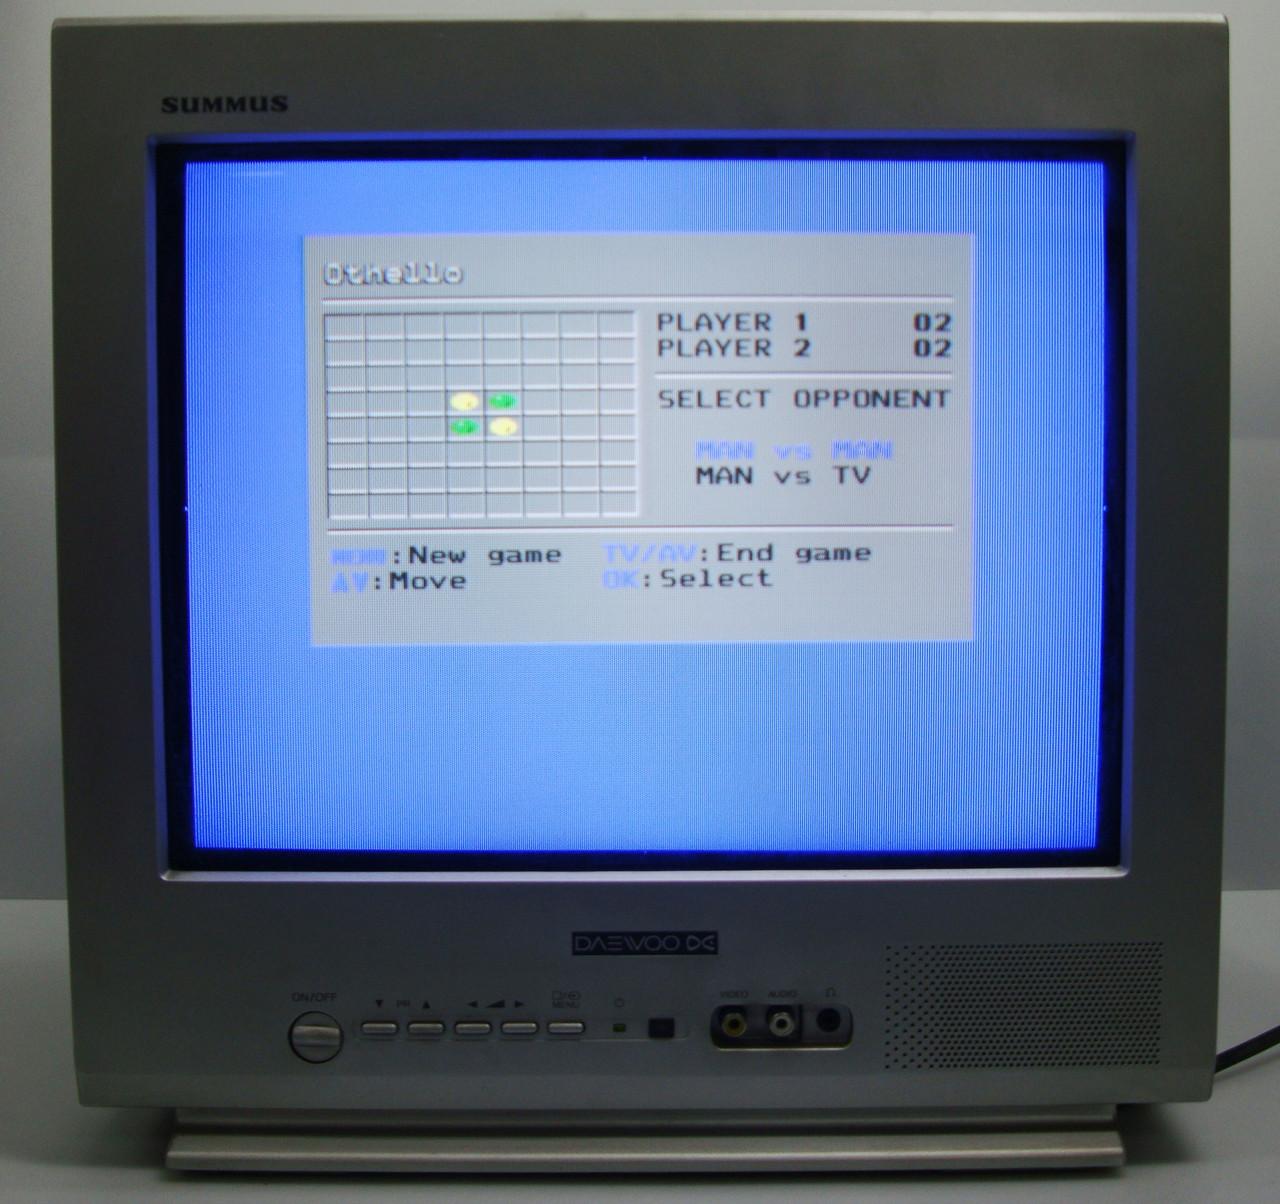 ЭЛТ телевизор маленький с плоским экраном Daewoo KR15U7FL